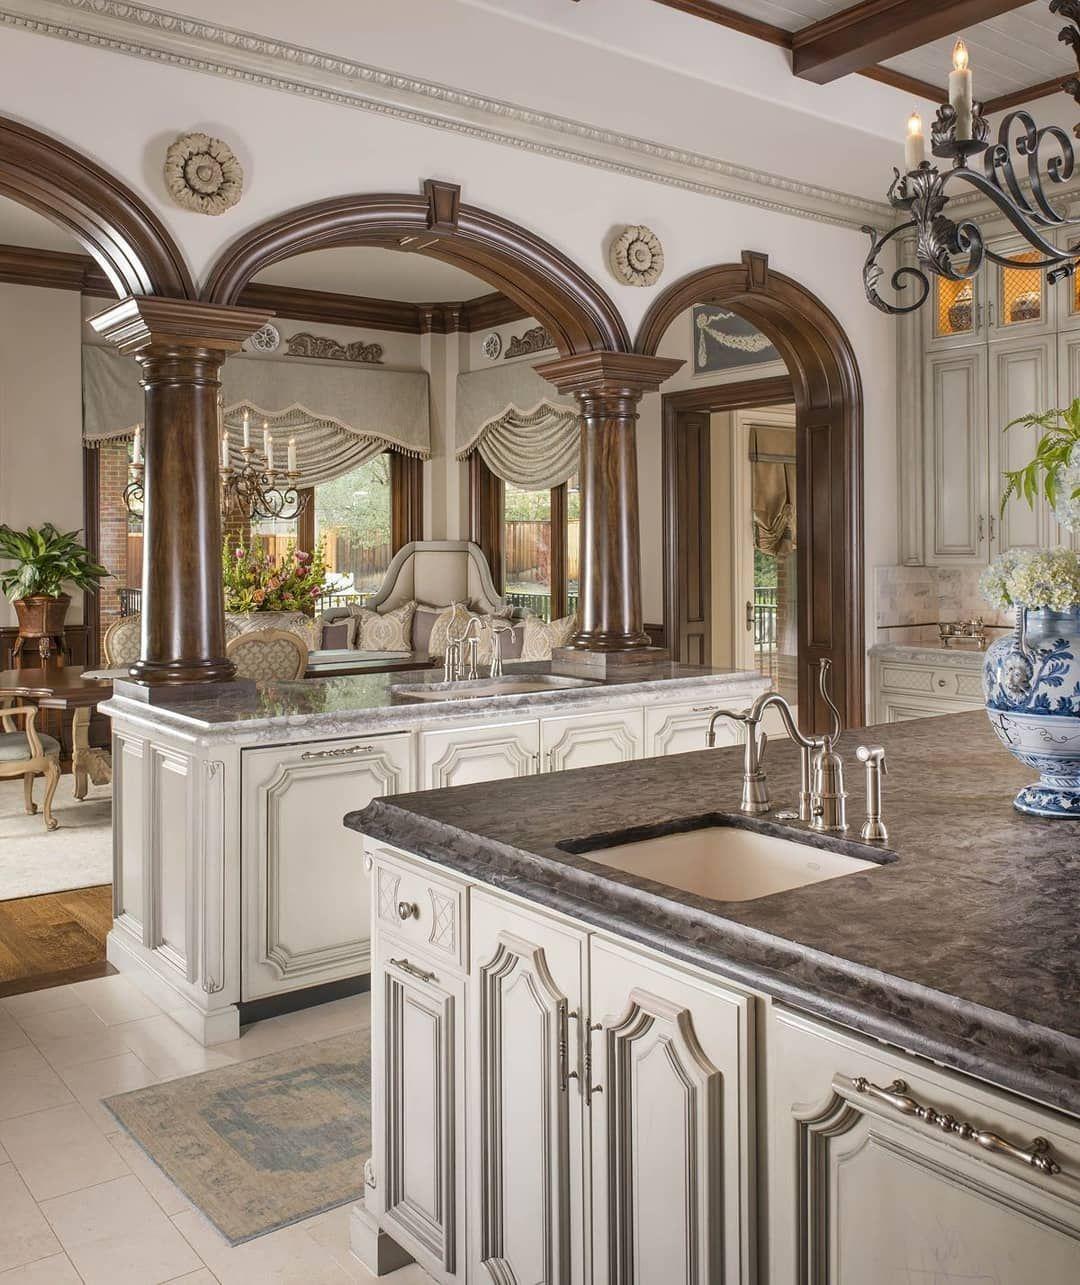 44 Best Best Trends In Kitchen Design Ideas For 2019 Part 38 Luxury Kitchens Luxury Kitchen Design Kitchen Design